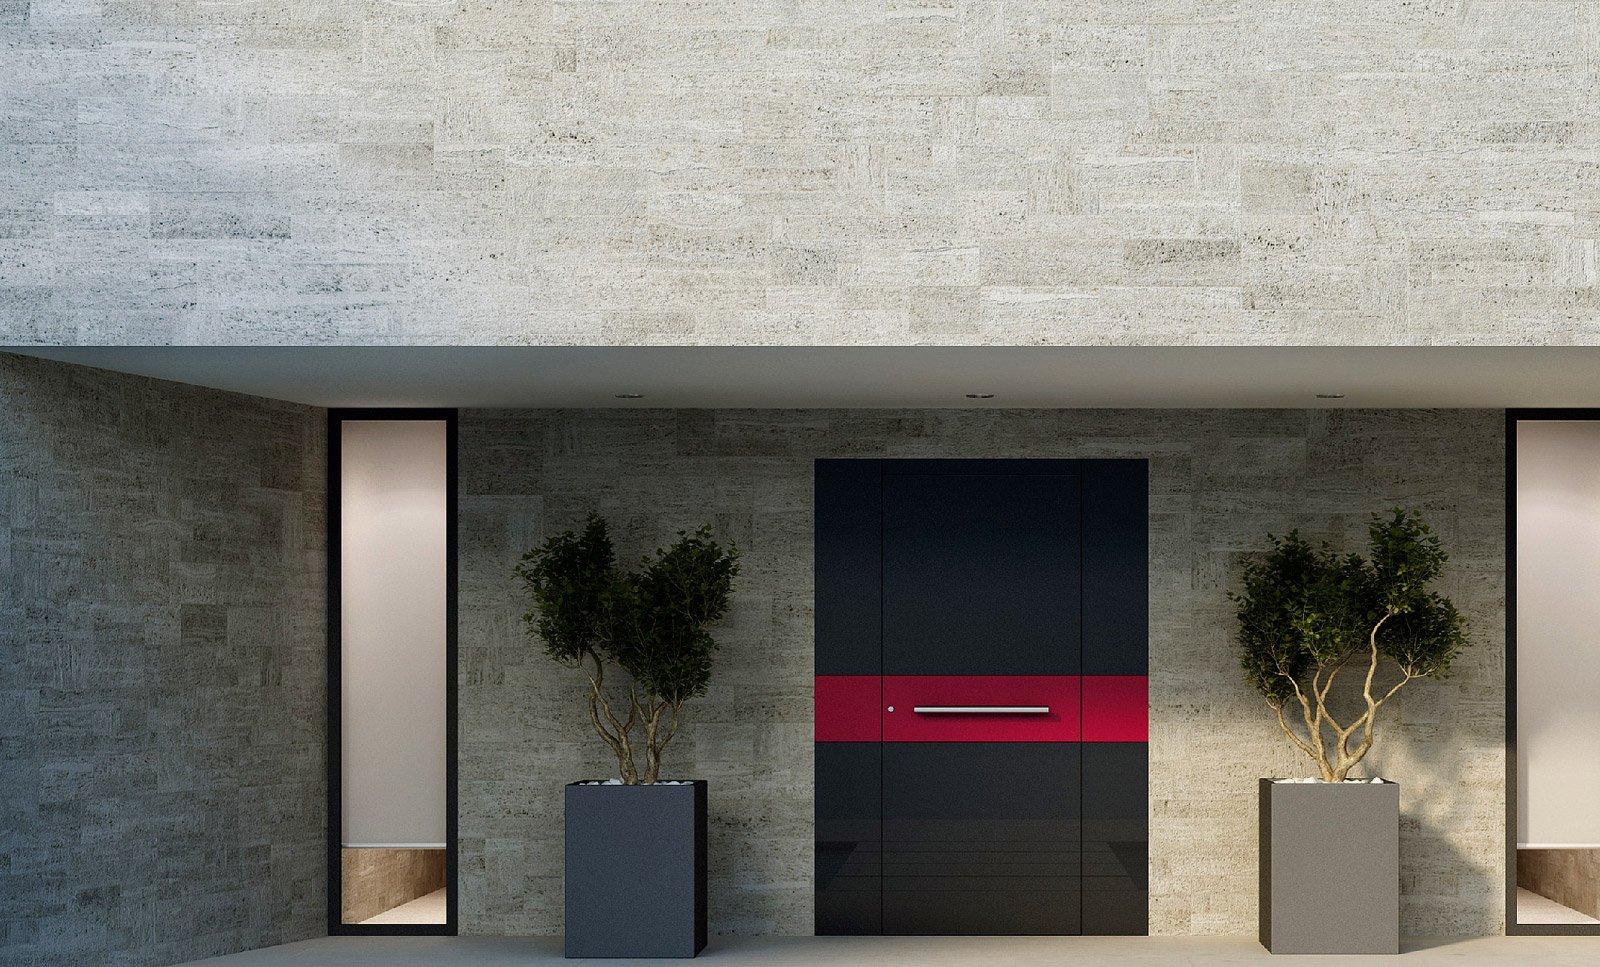 Ingressi protetti all 39 interno e all 39 esterno cose di casa for Immagini design